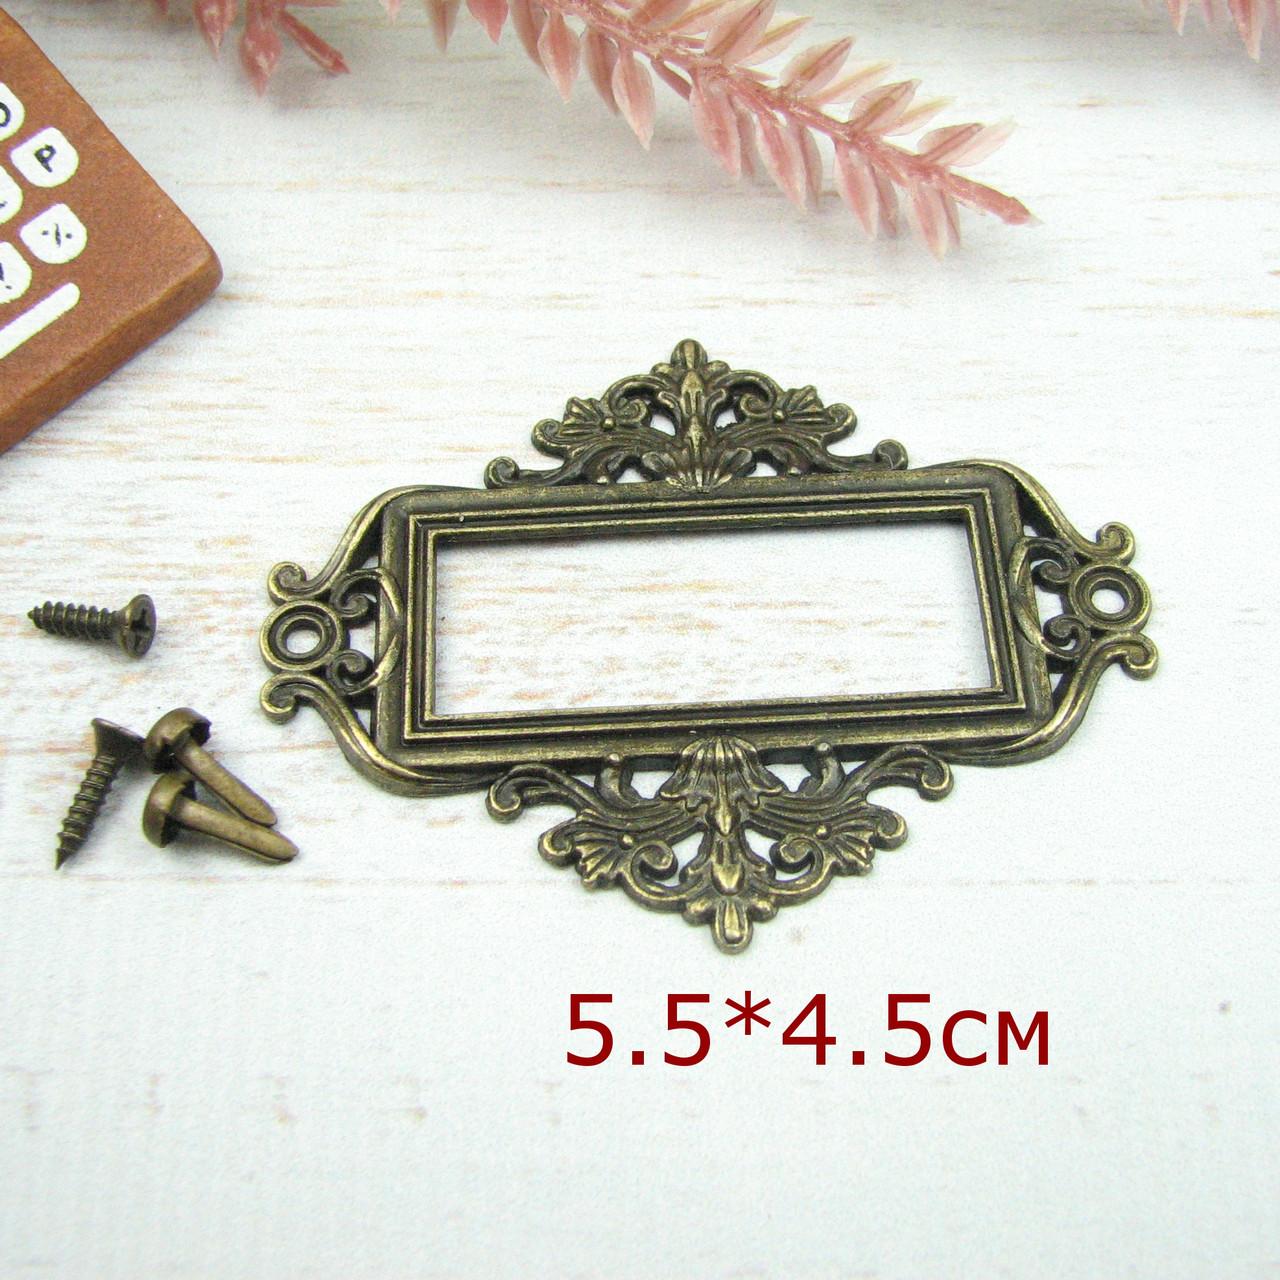 Декоративная рамка накладка бронза   5,5*4.5cм